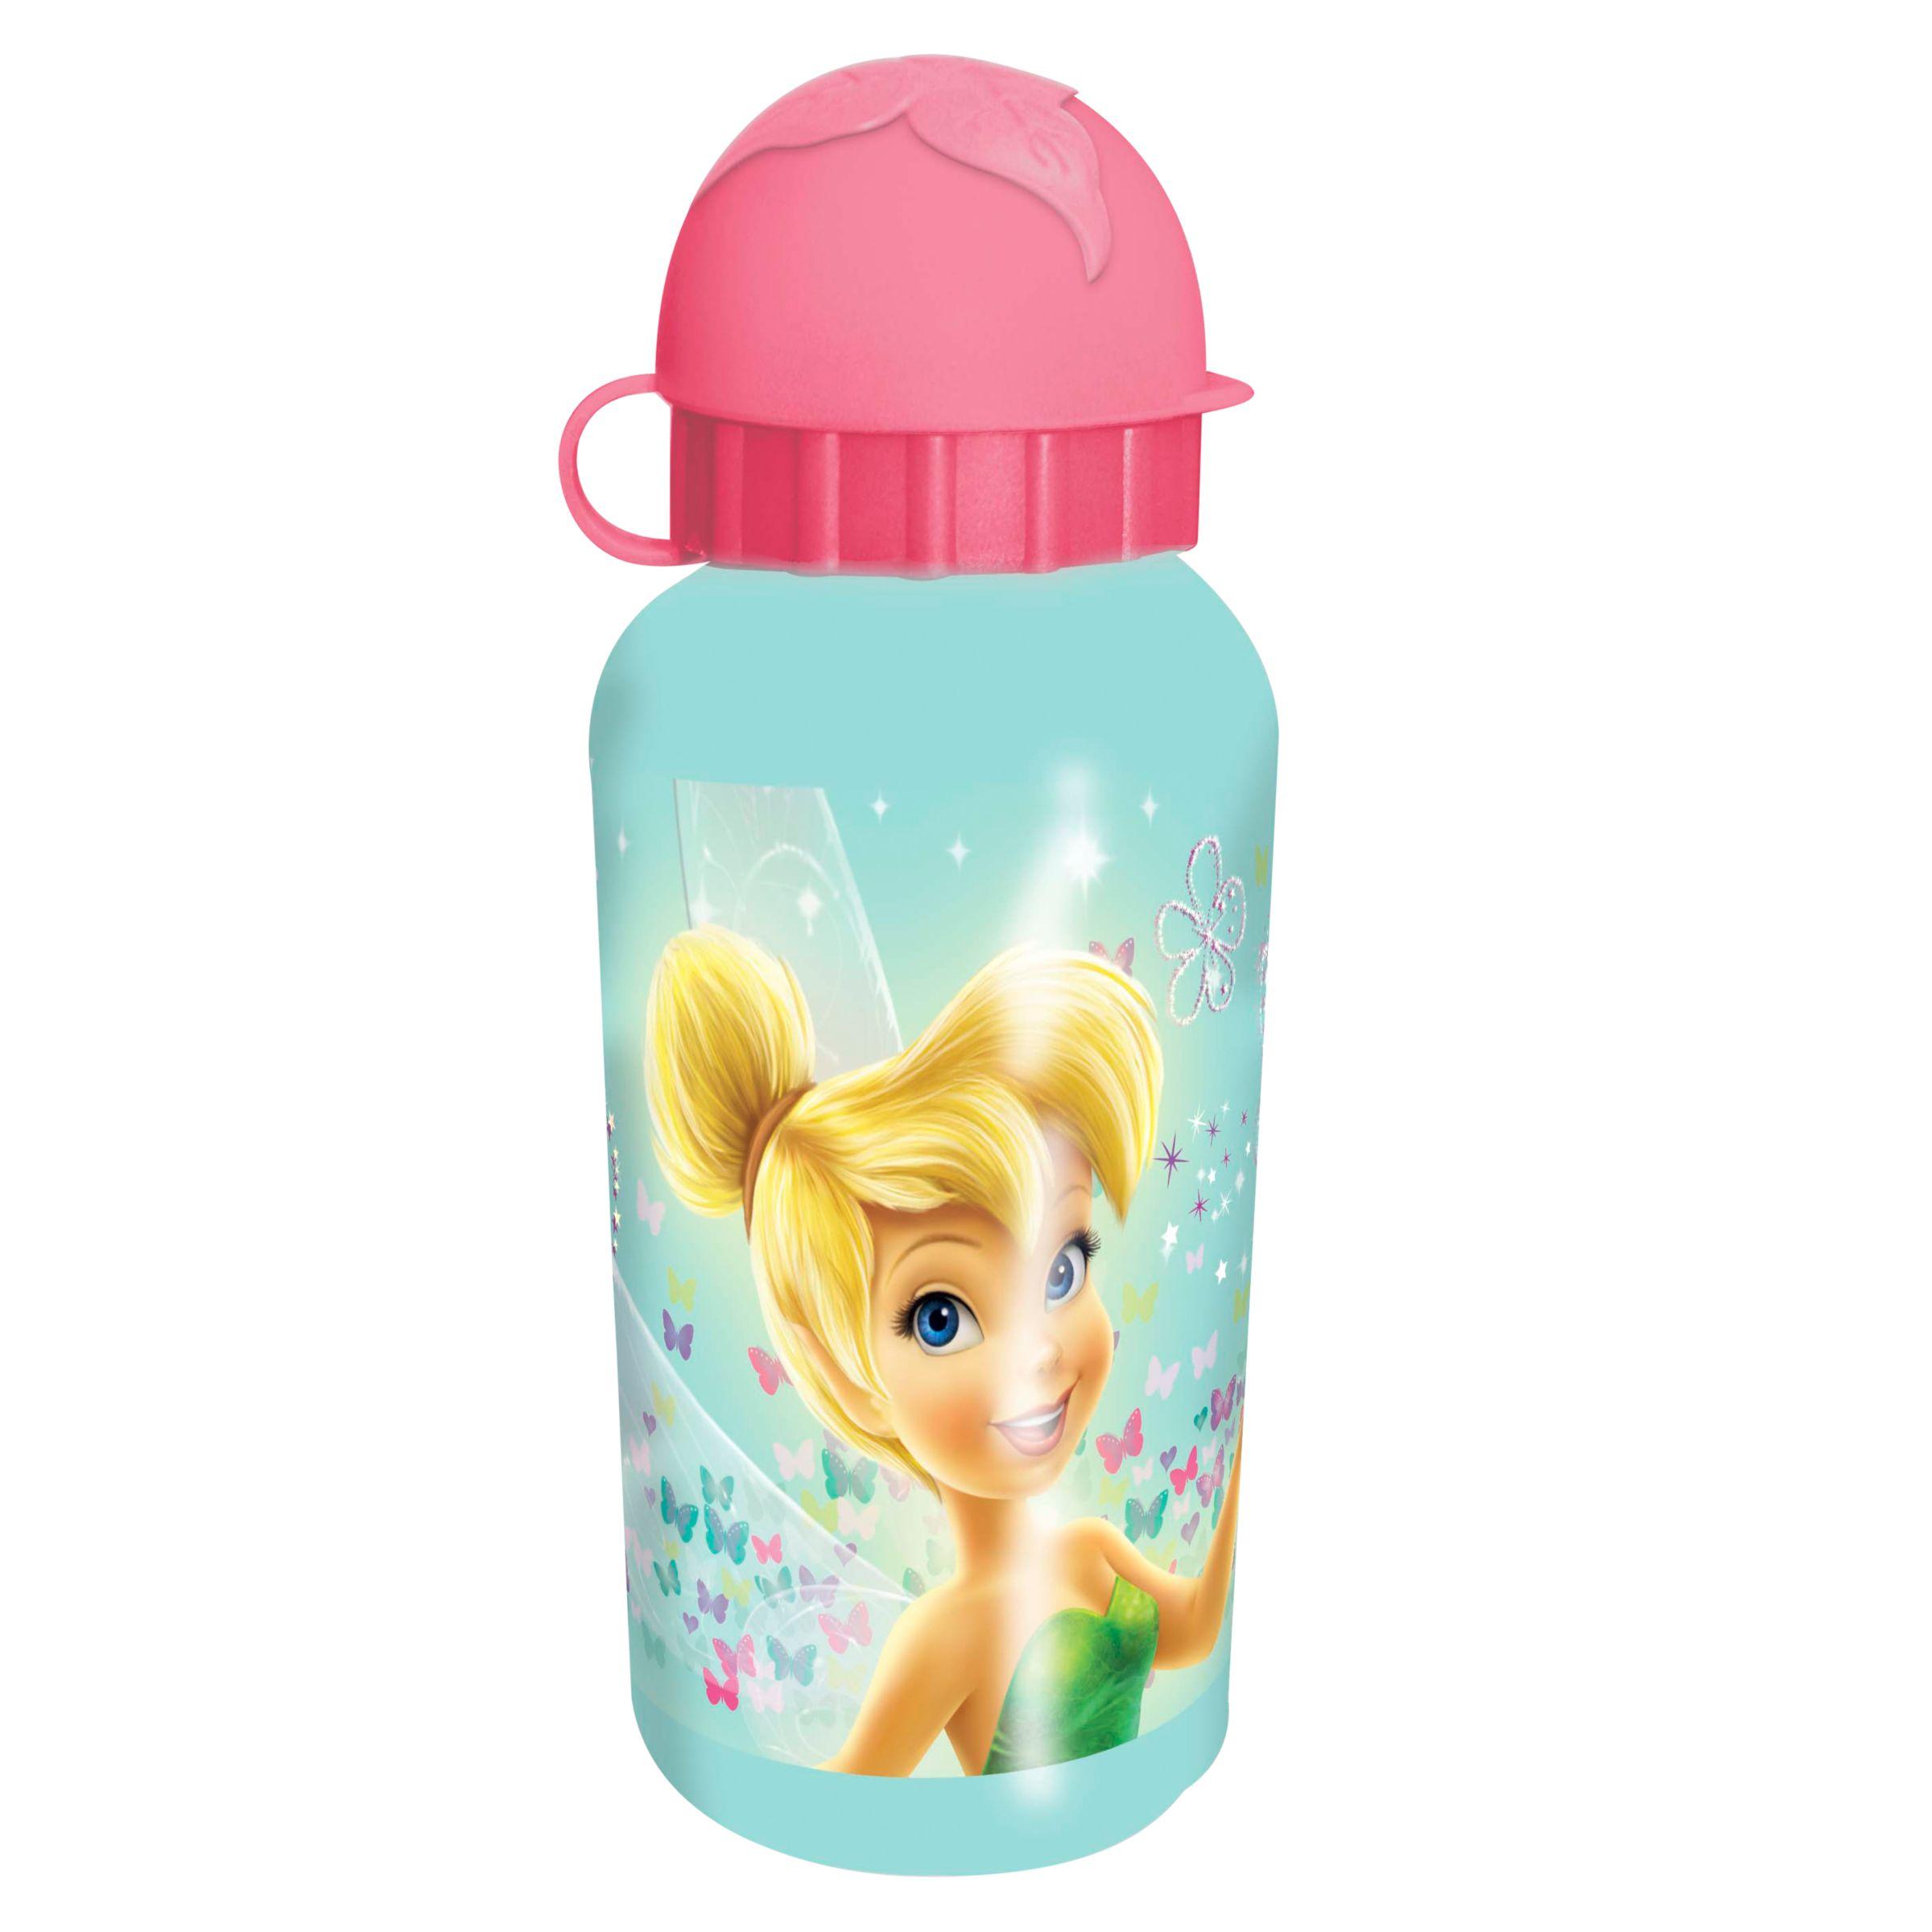 Tinkerbell Drinks Bottle